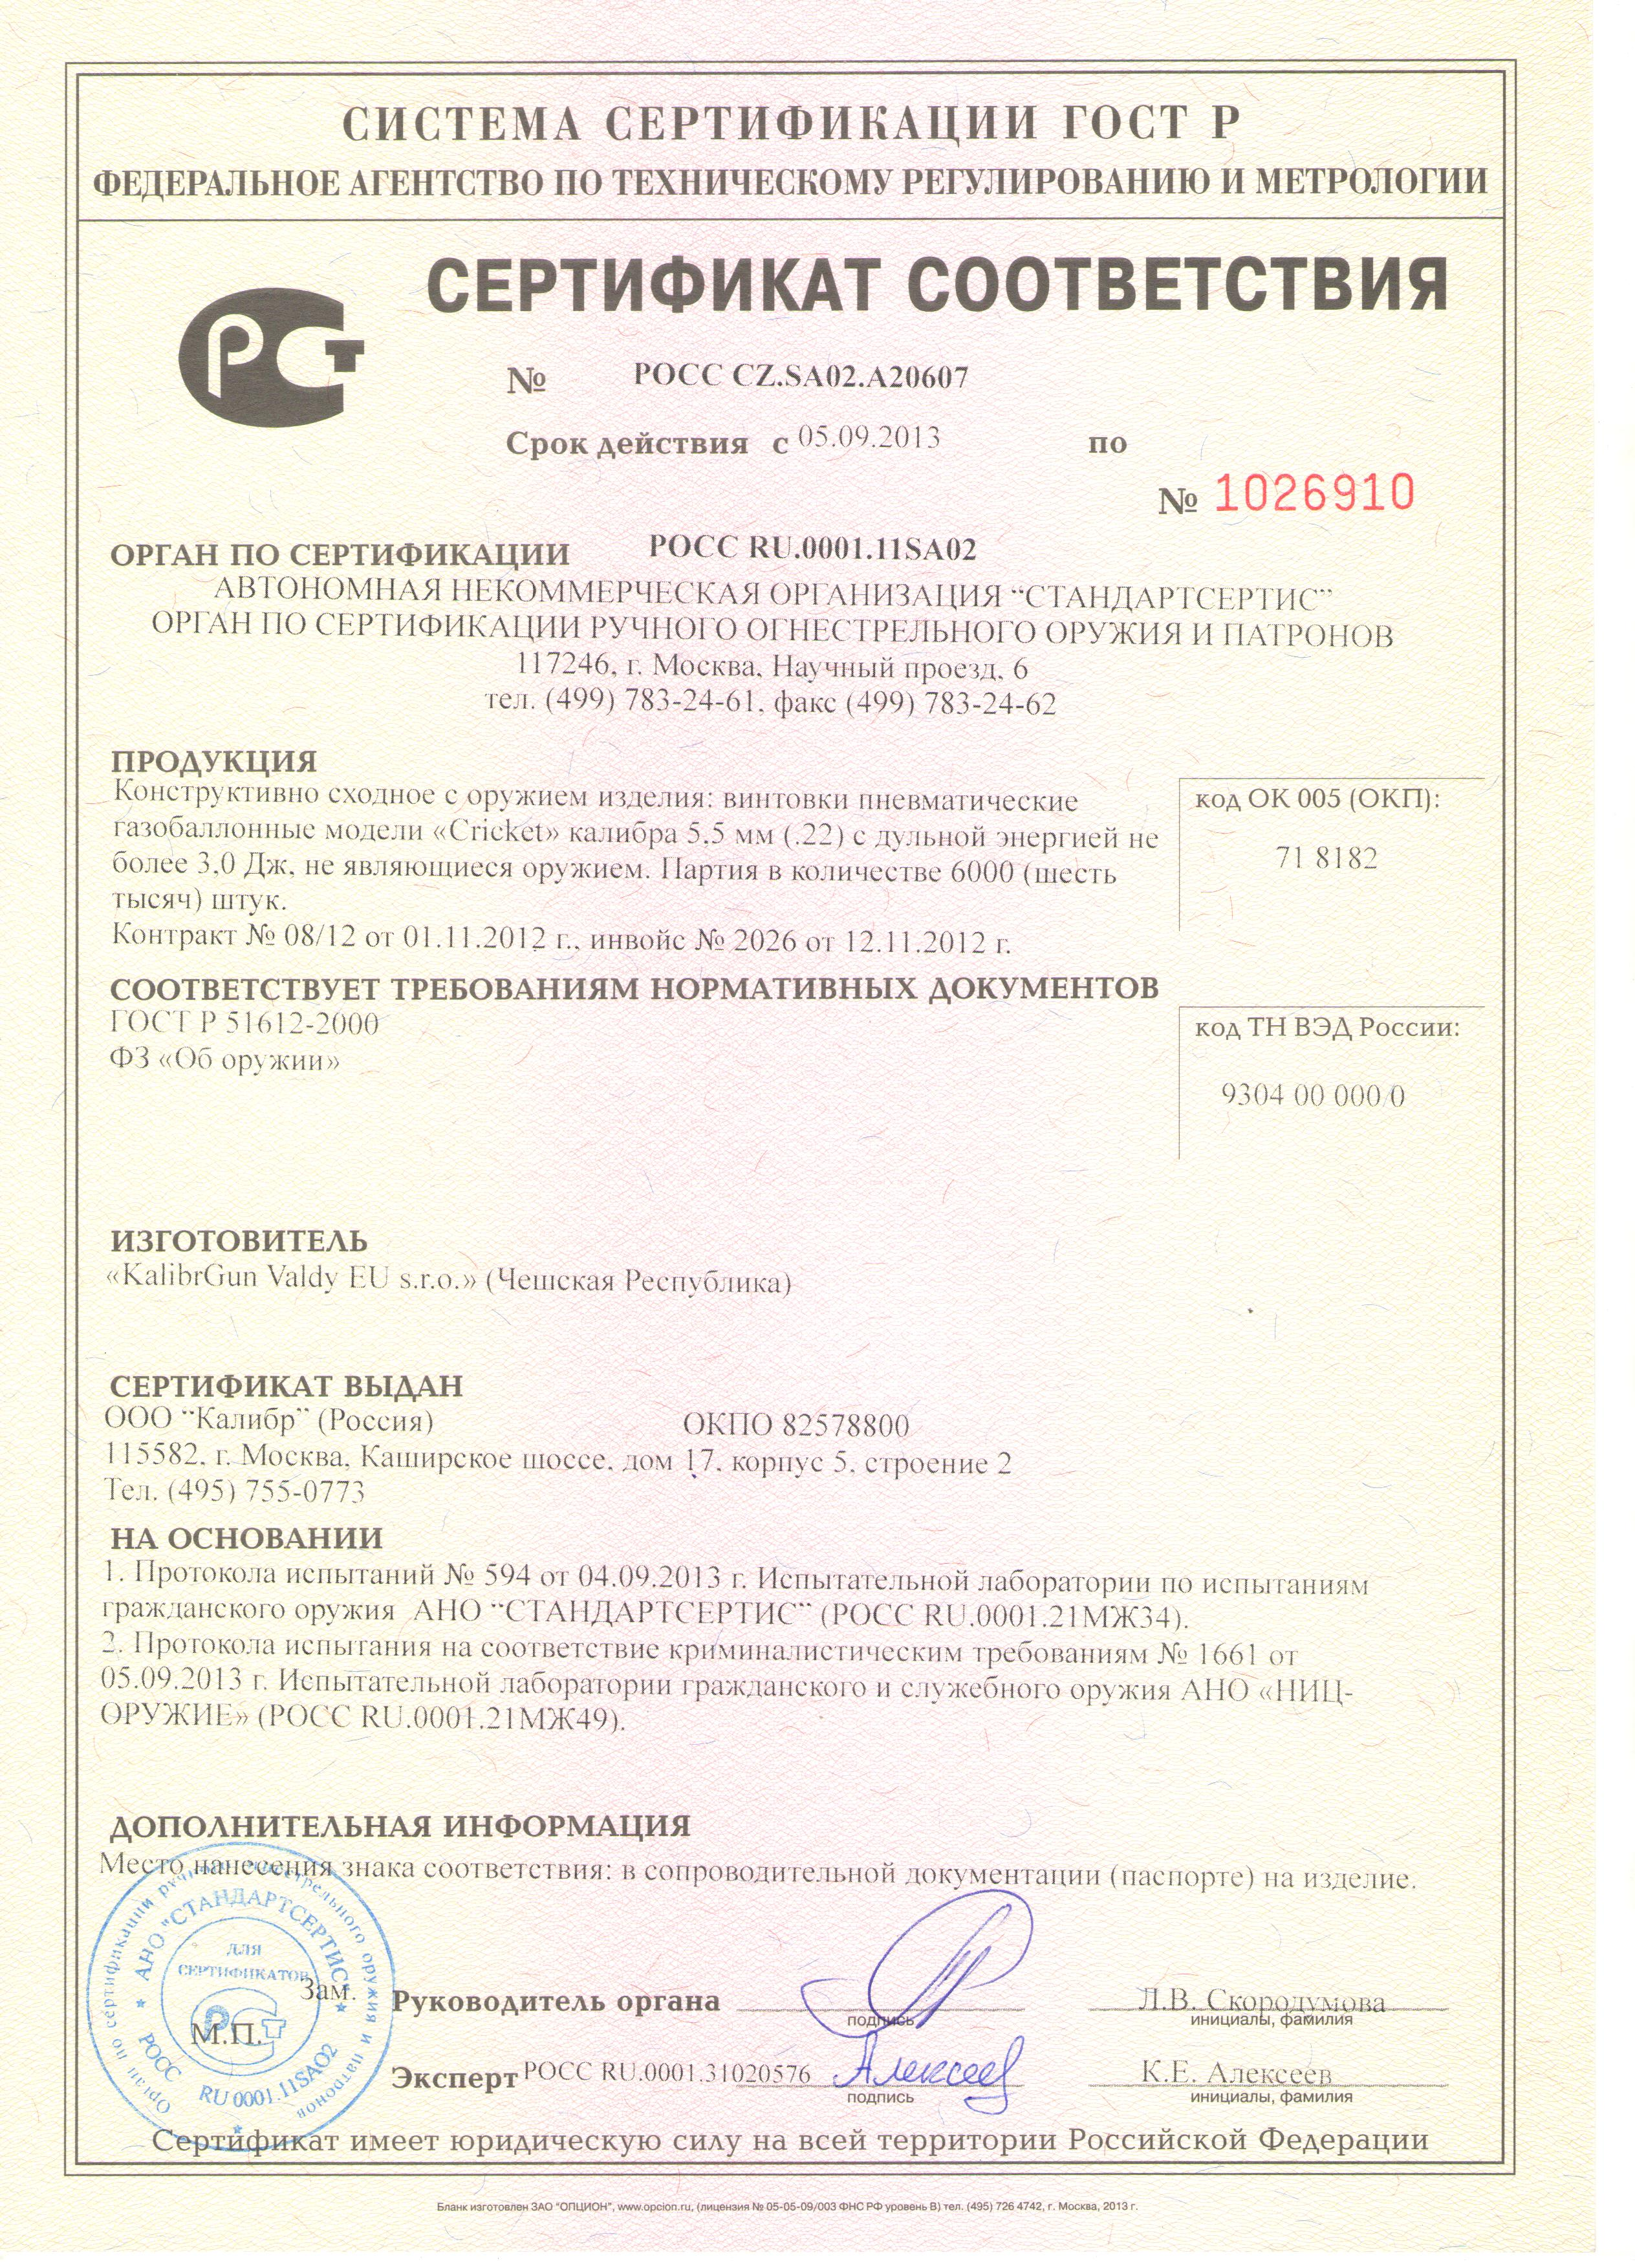 официальный сертификат на винтовку kalibr